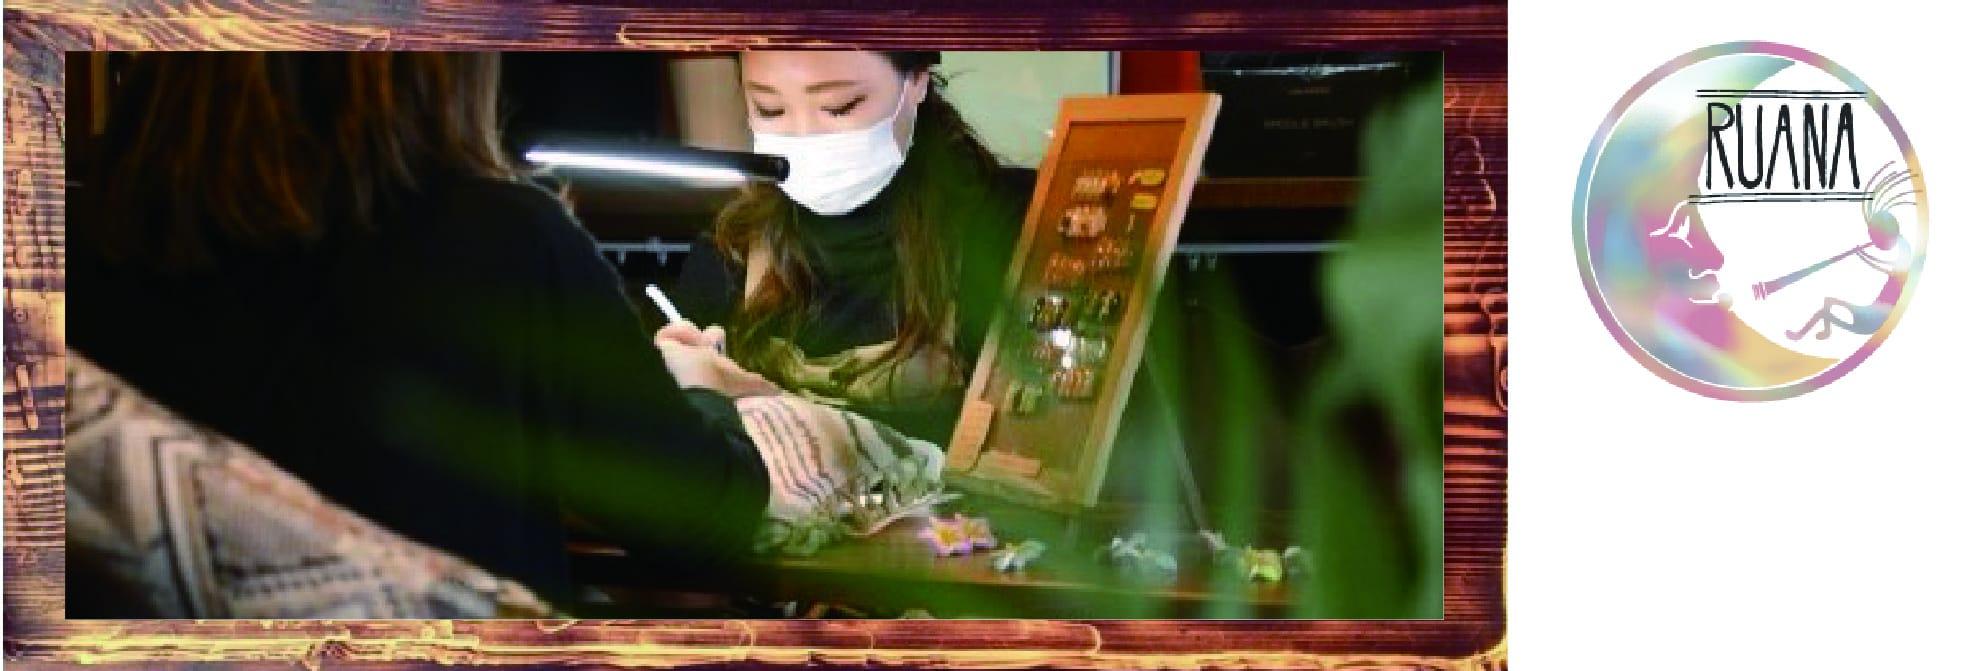 隠れ家プライベートサロン RUANA  三重県伊賀市/マツエク/ネイル/ホワイトニング/脱毛(メンズOK)